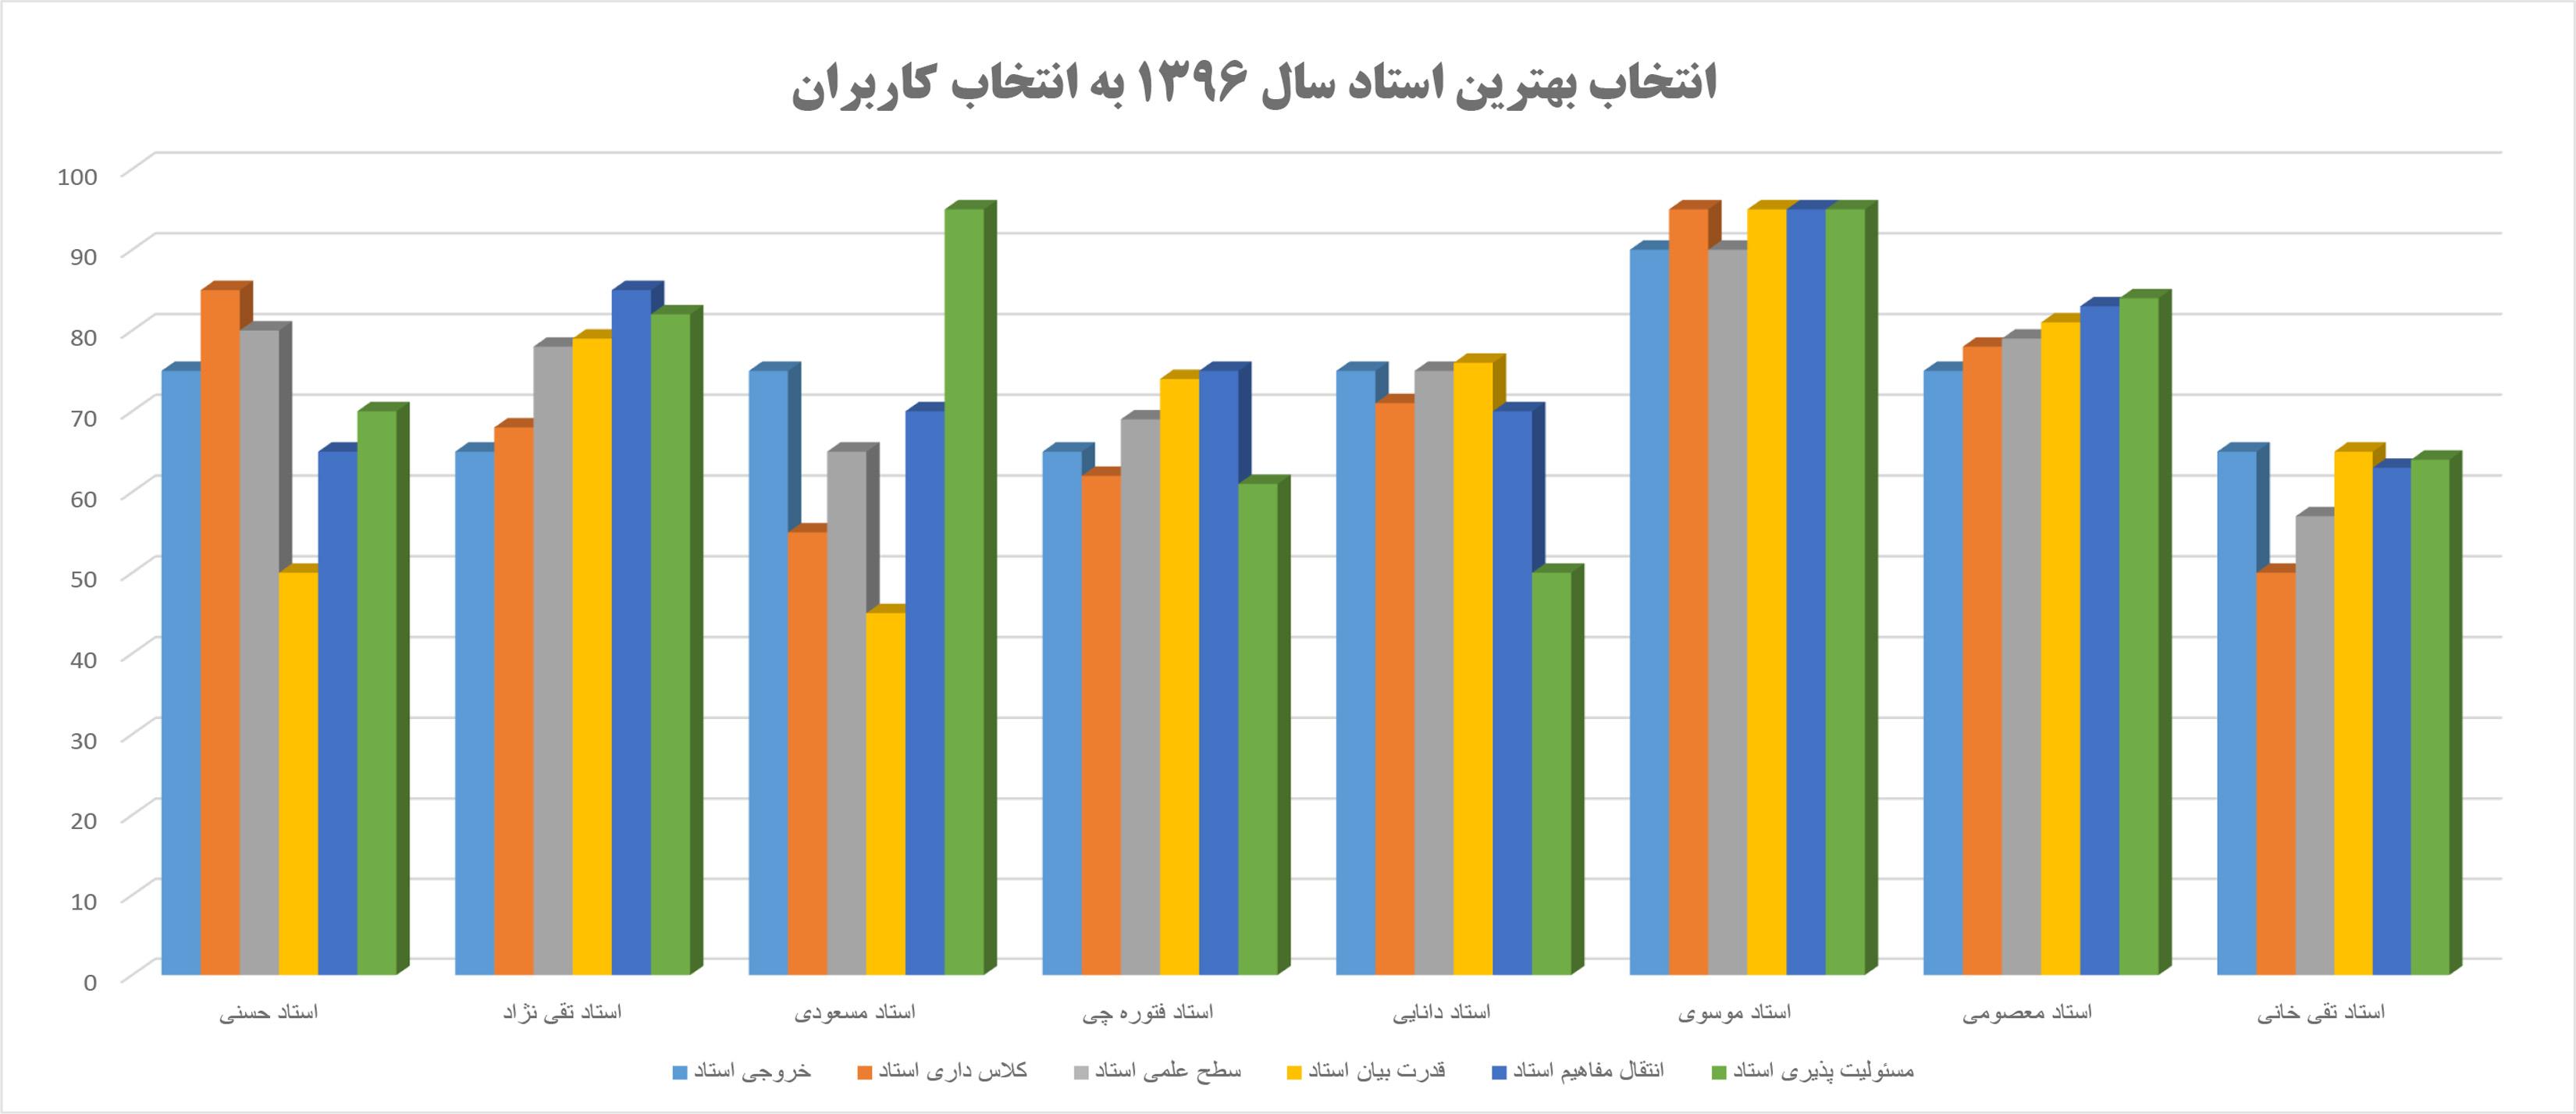 بهترین استاد کامپیوتر ایران